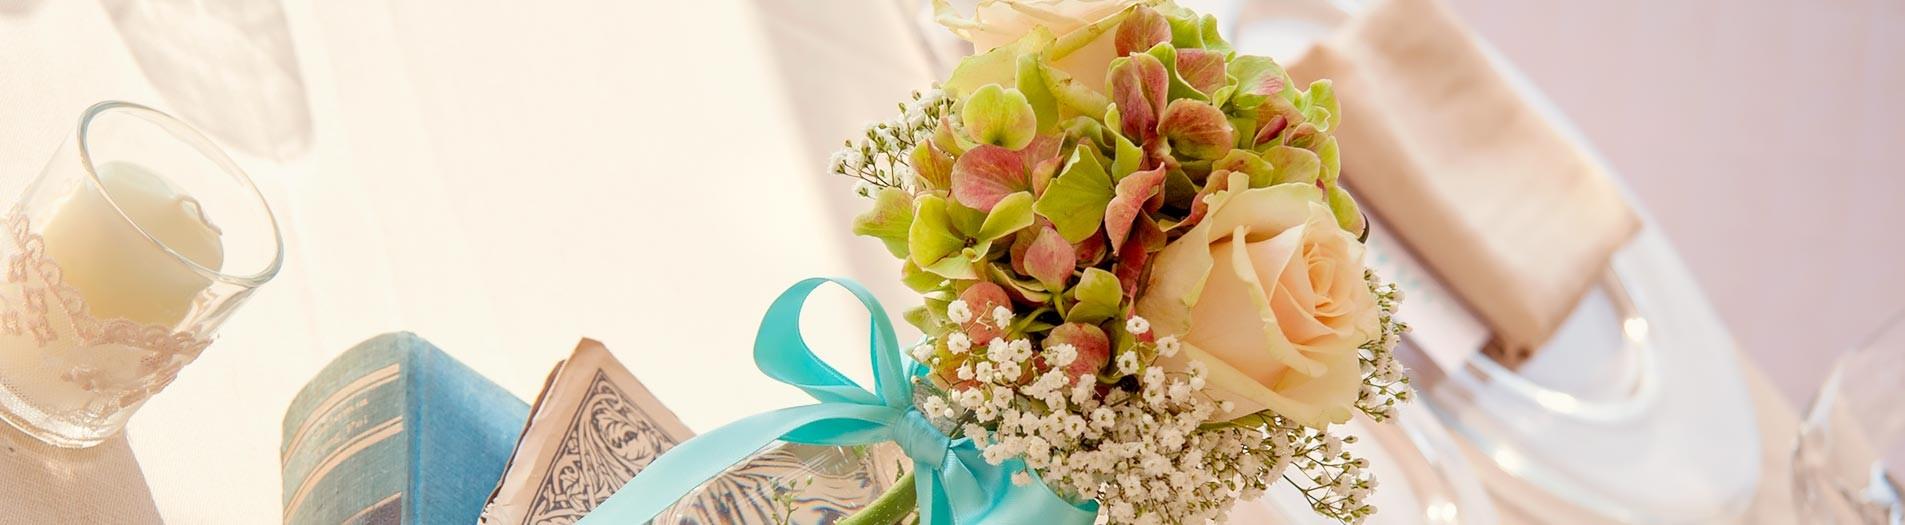 Fiori e colori per un matrimonio Shabby Chic a Villa Pestalozza